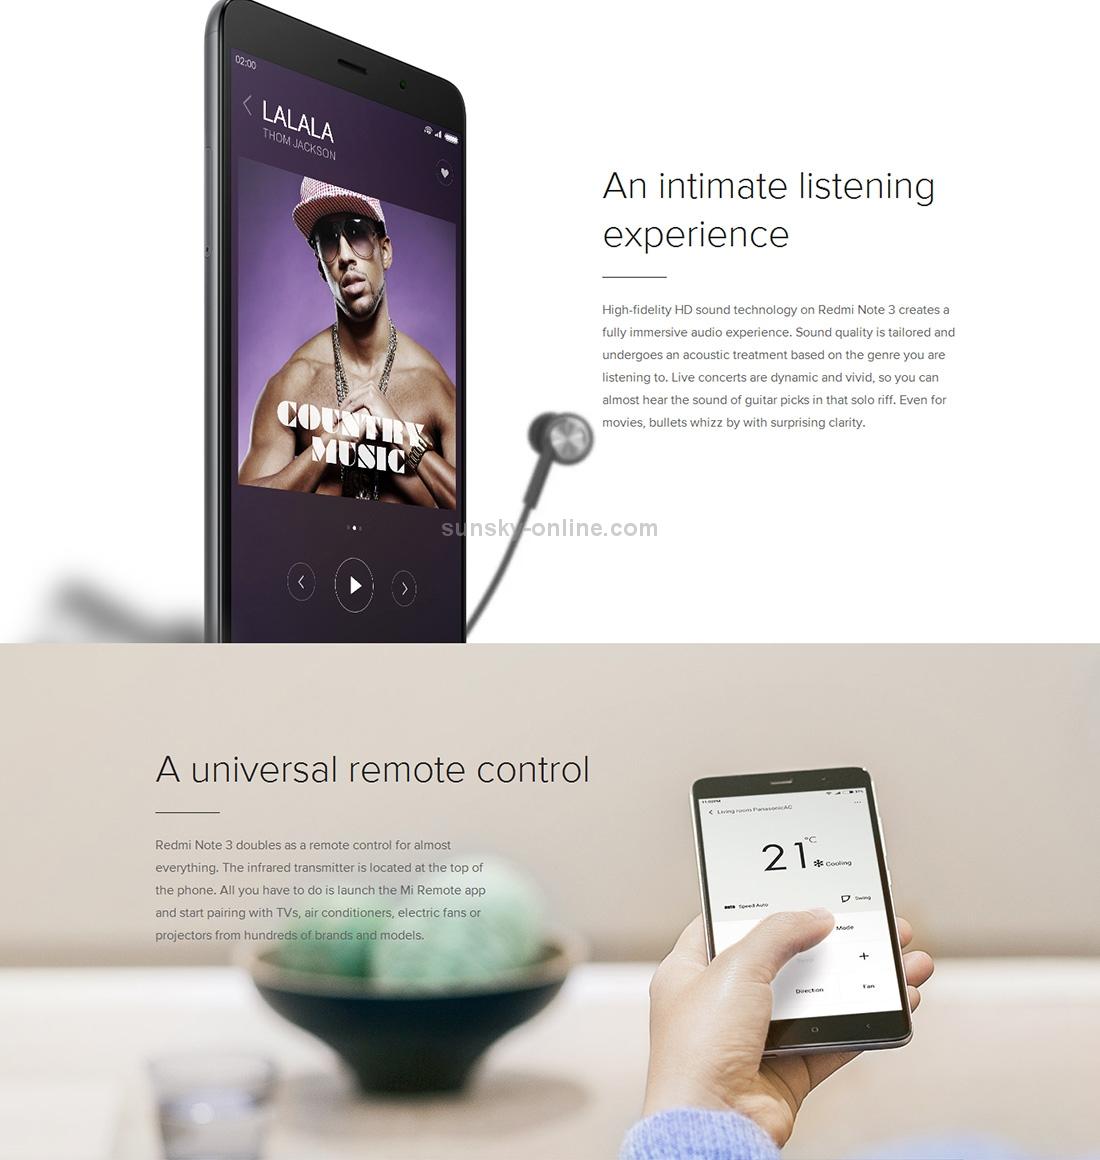 SUNSKY - Xiaomi Redmi Note 3, 2GB+16GB, Back Fingerprint